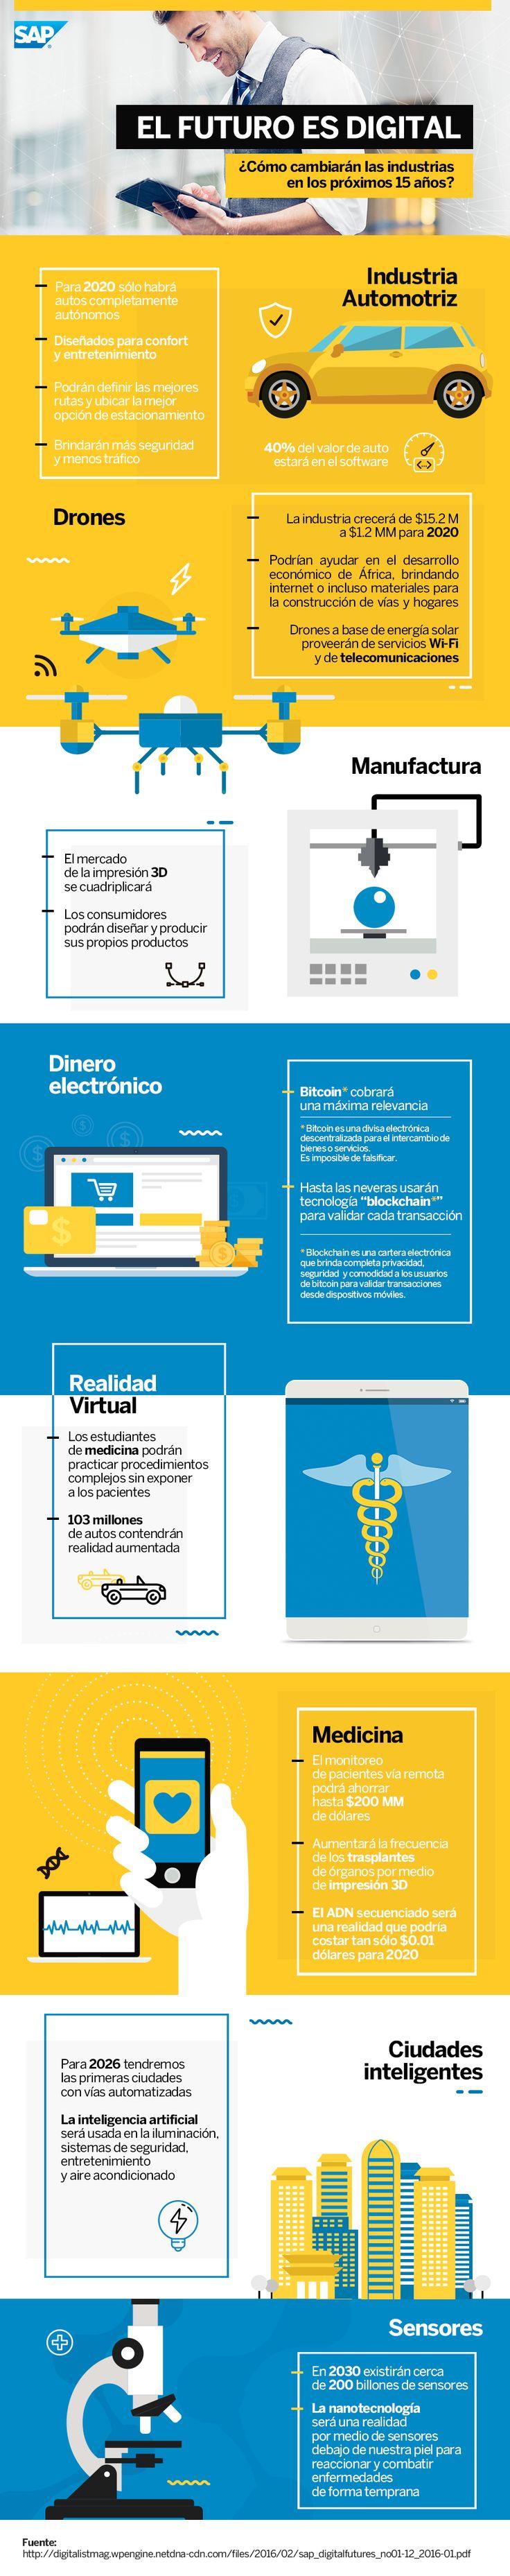 ¿Cómo cambiarán las #industrias en los próximos 15 años? #Infografia #Infog...